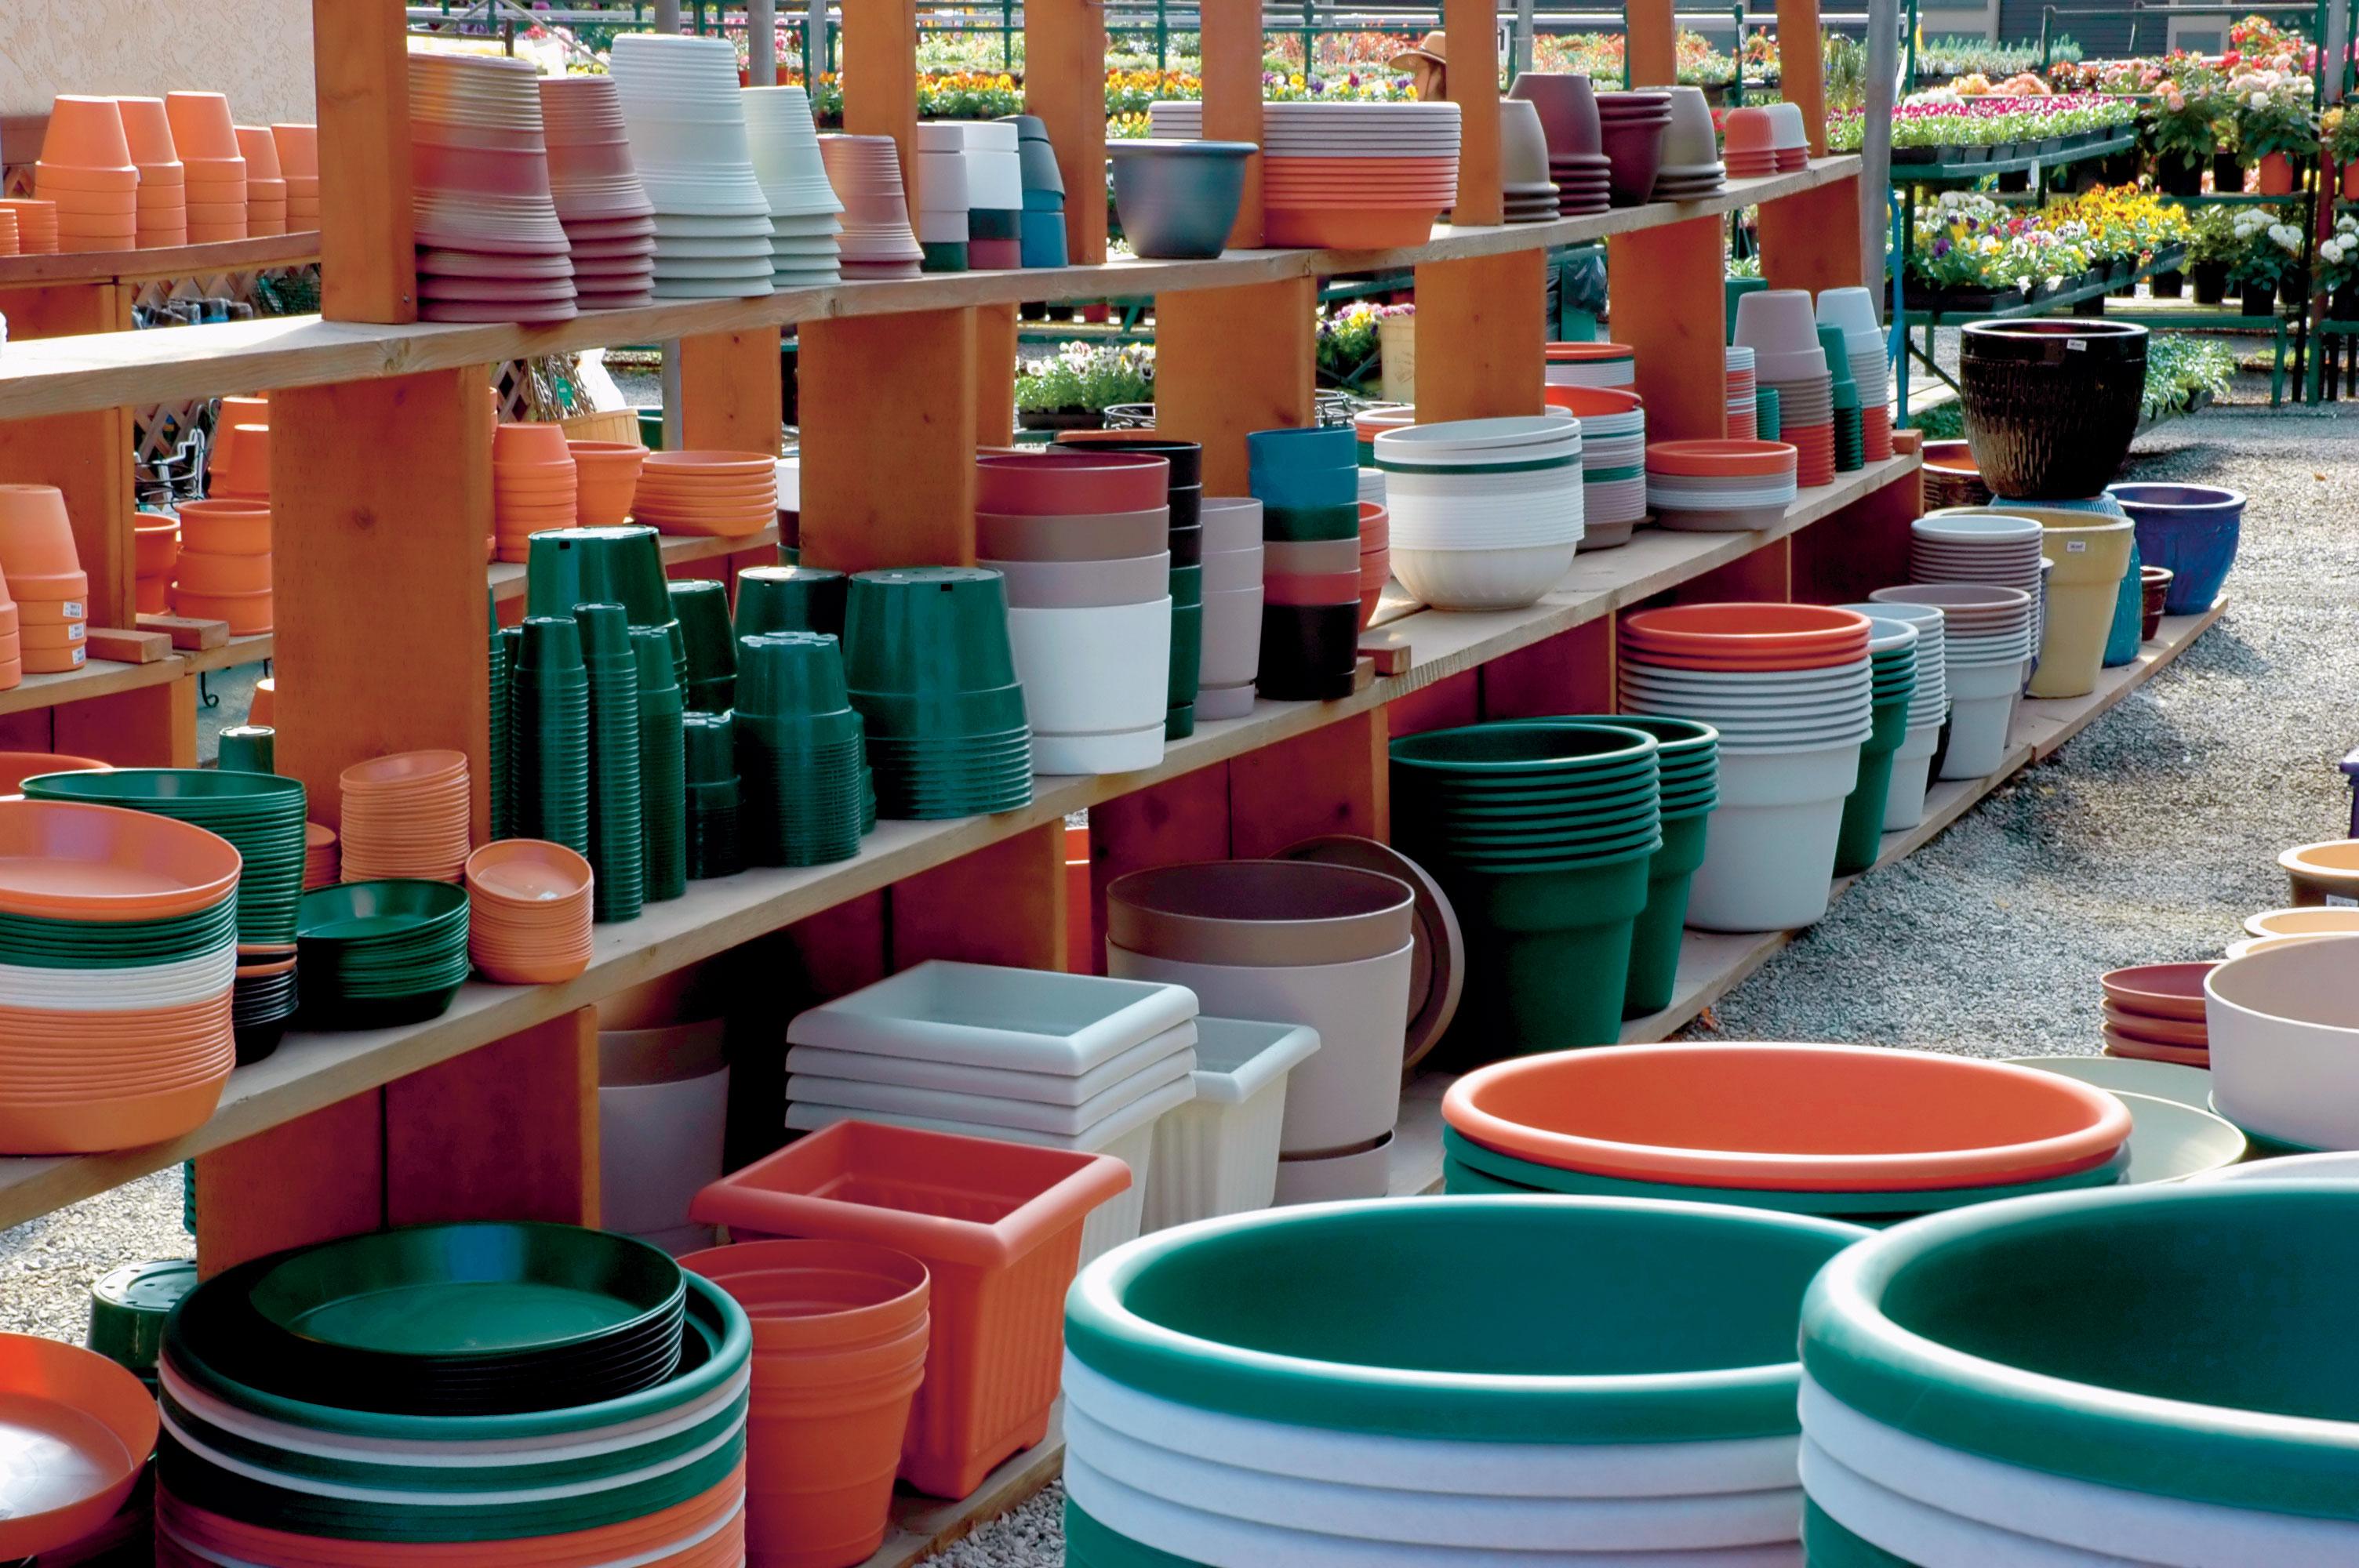 Crops in Pots Plastic